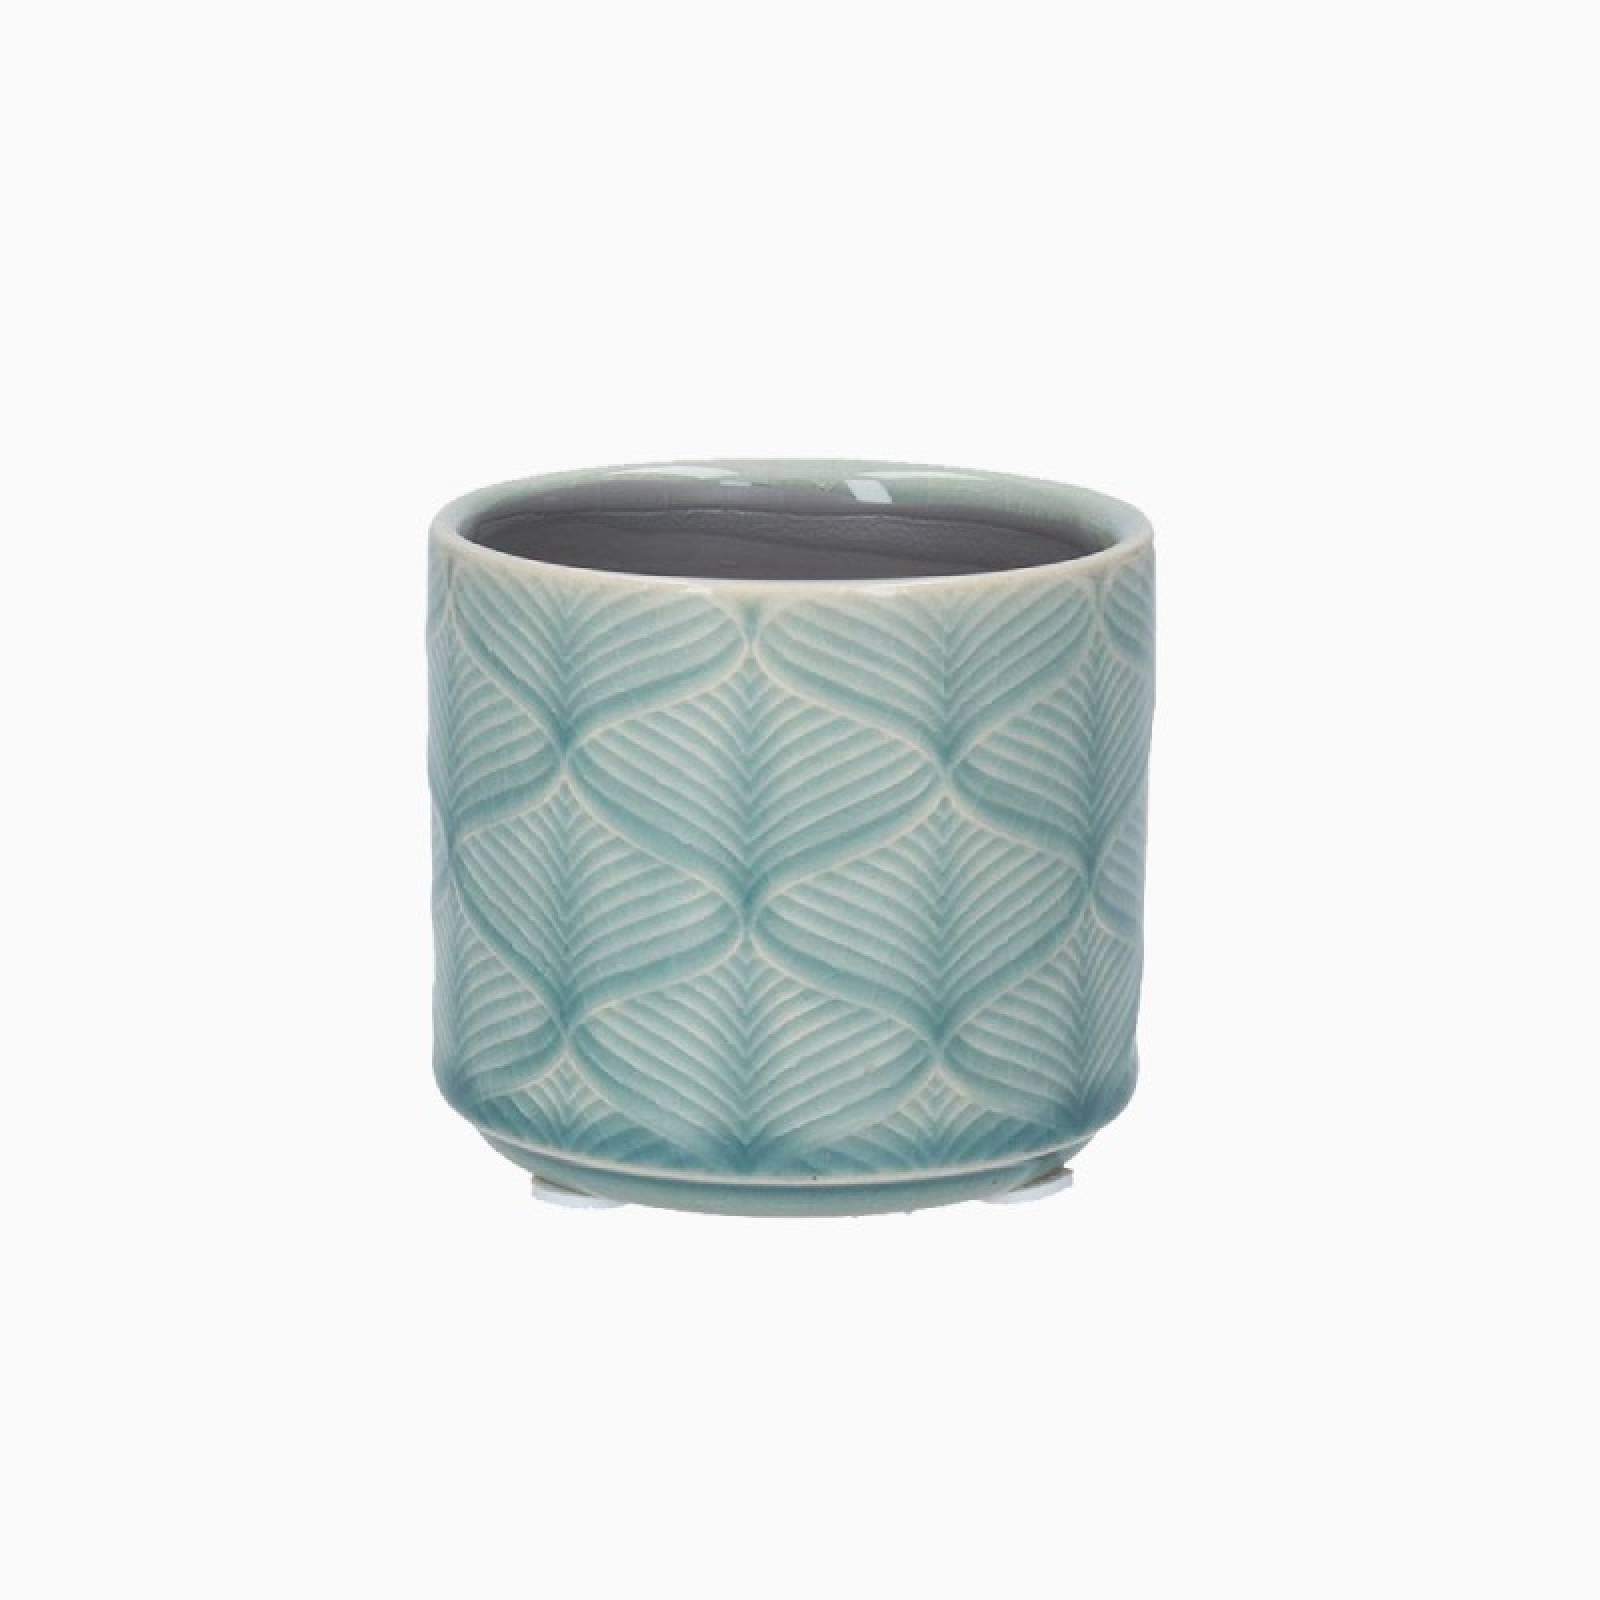 Mini Wavy Ceramic Flower Pot Cover In Light Blue